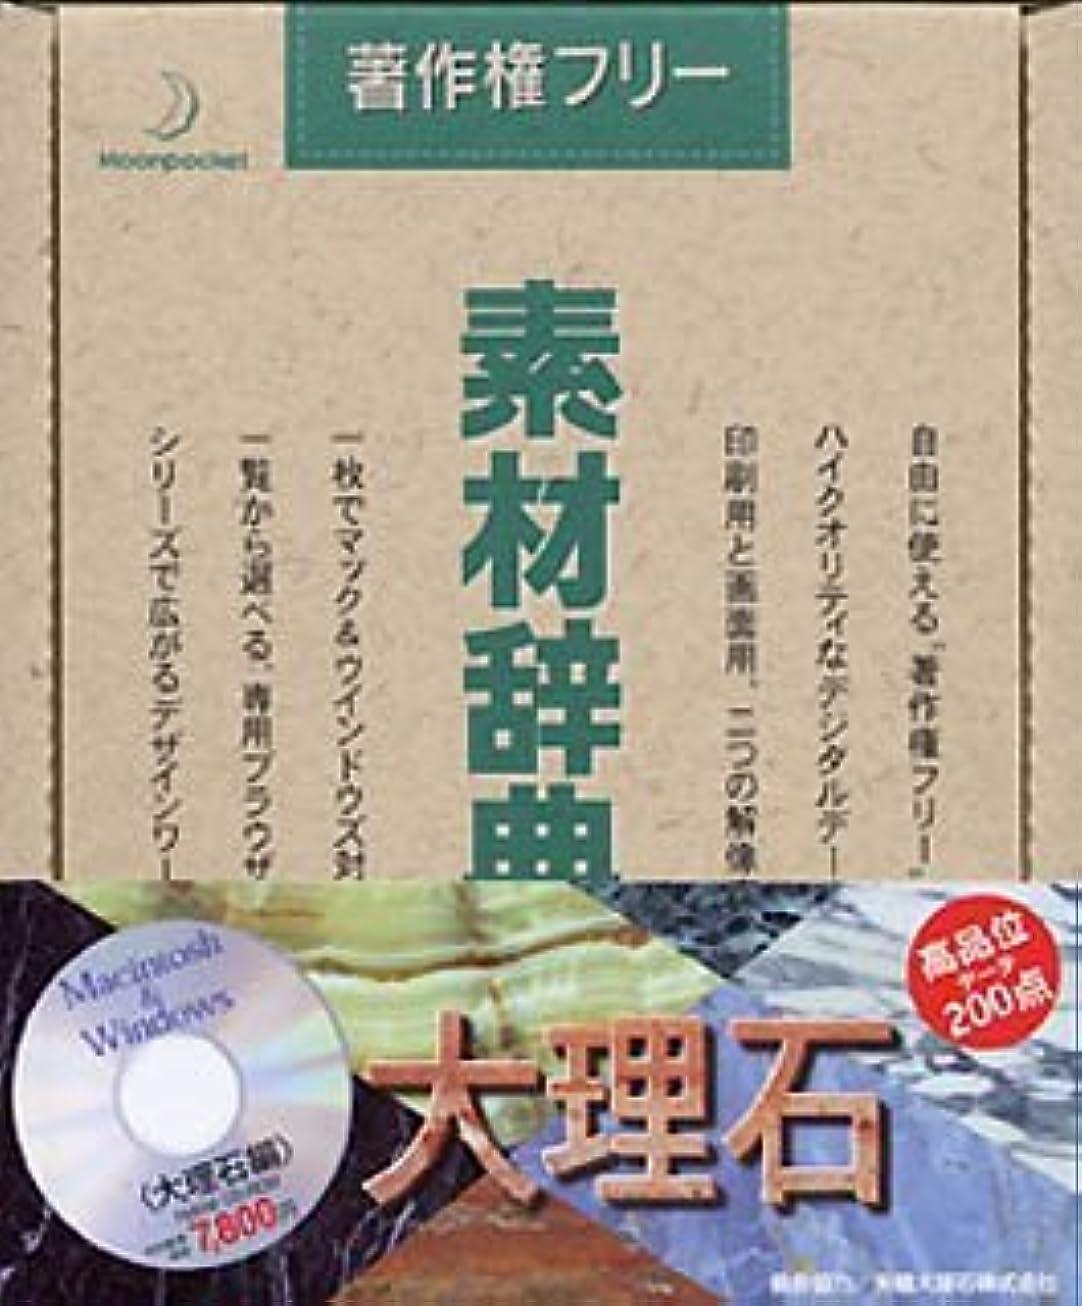 理容師他に良い素材辞典 Vol.24 大理石編